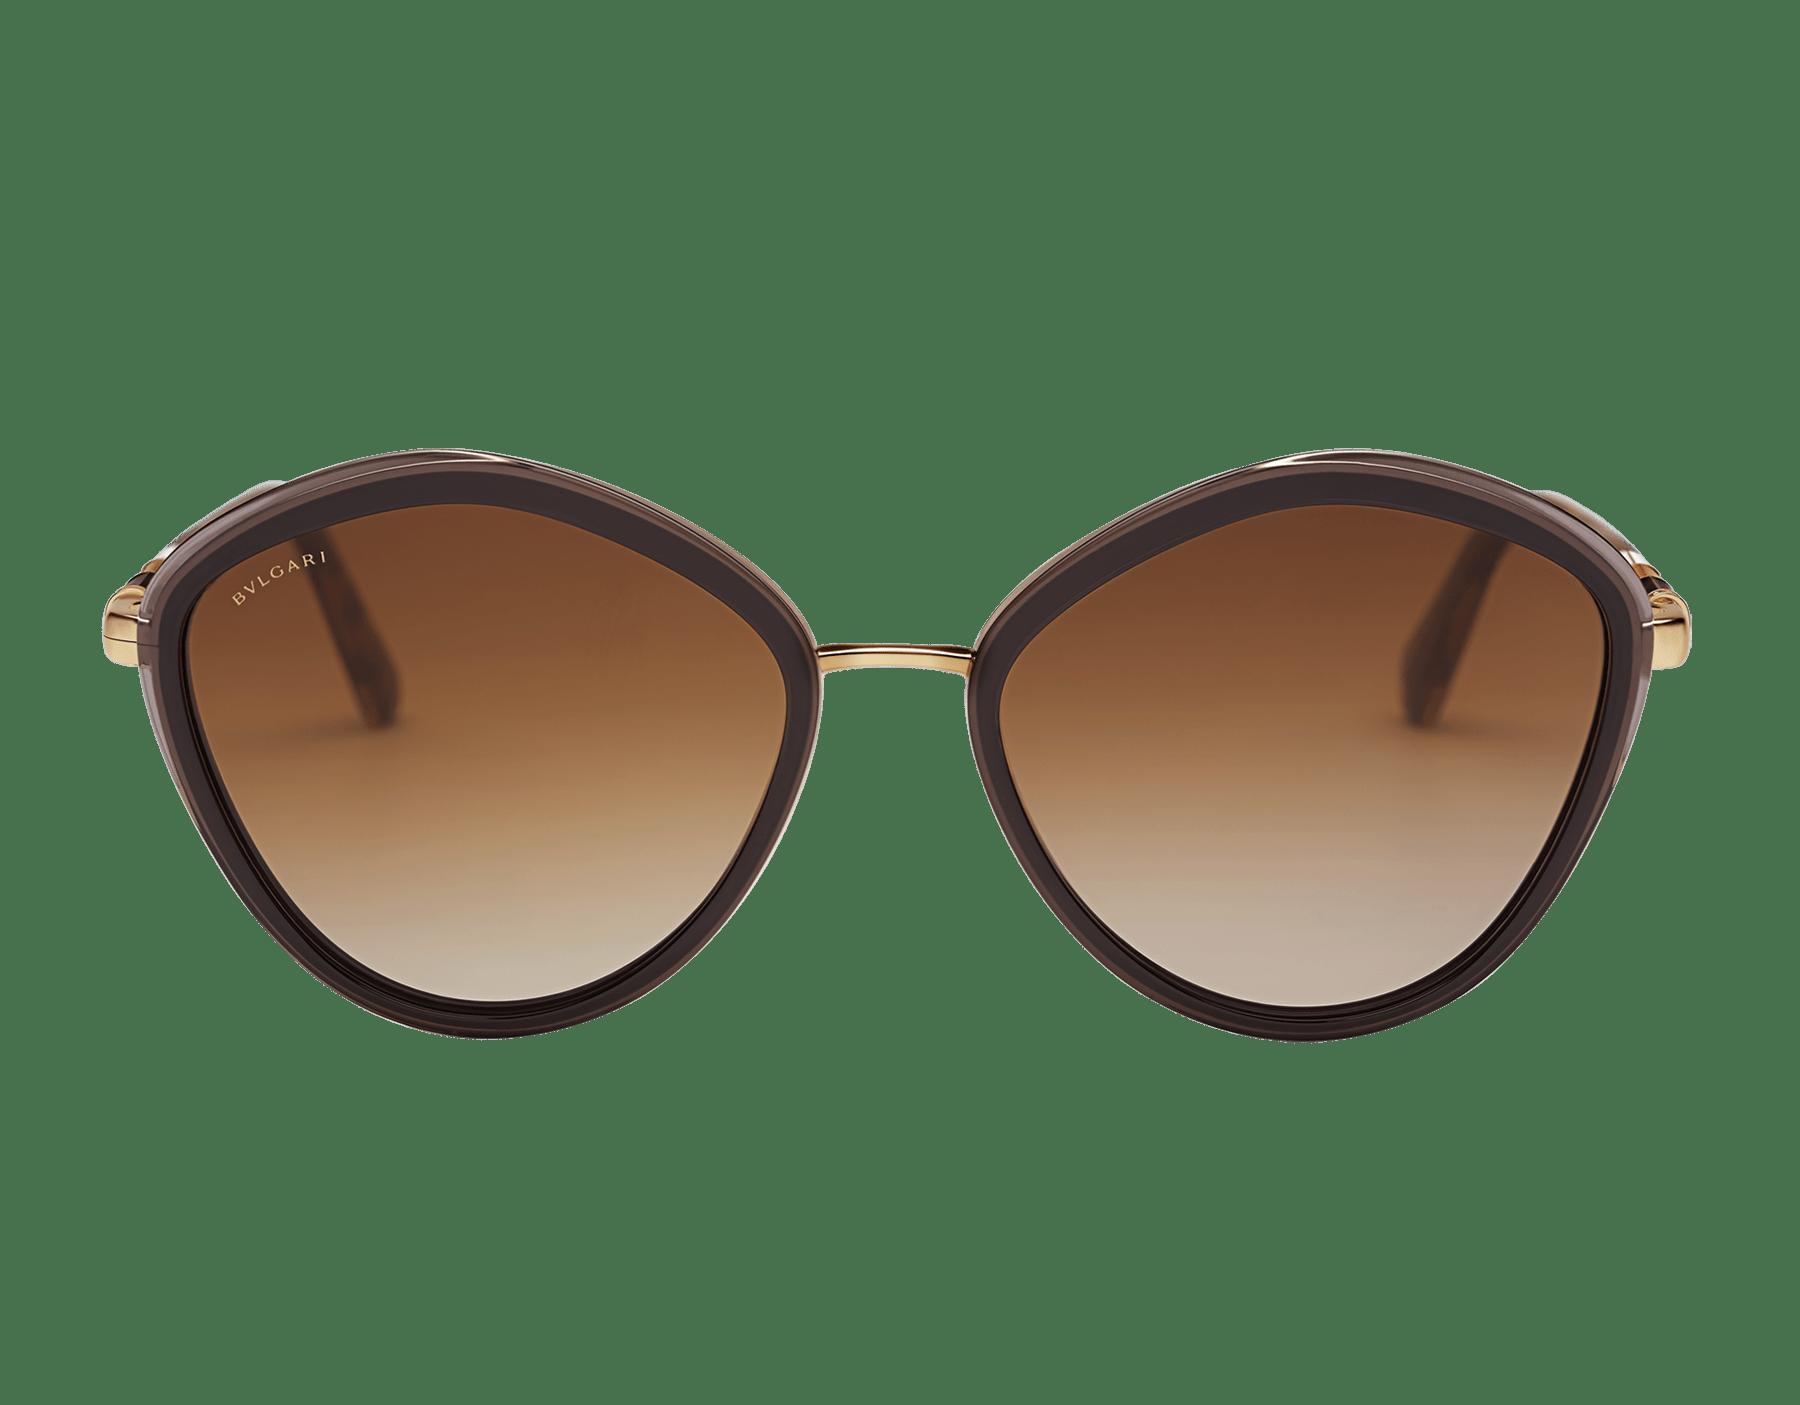 Bulgari Serpenti rounded metal sunglasses. 903987 image 2